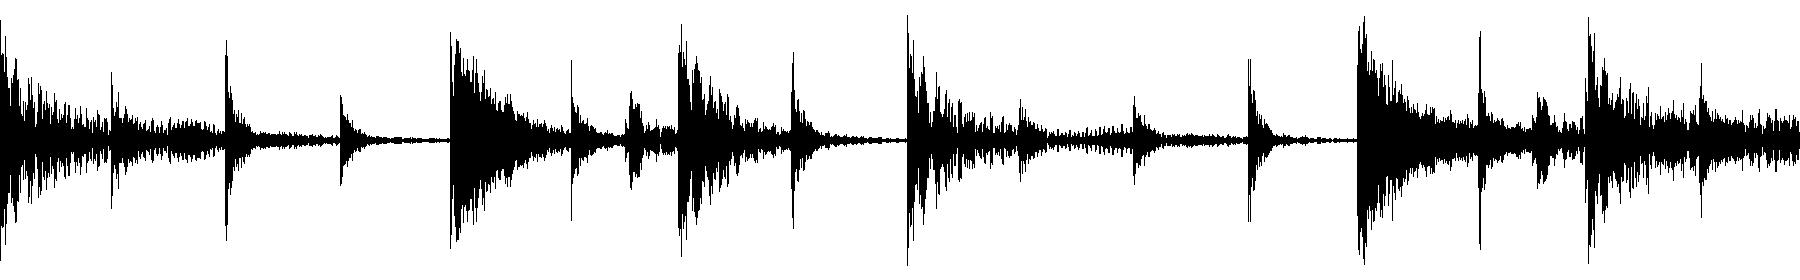 blbc electrodrums fx 110 03